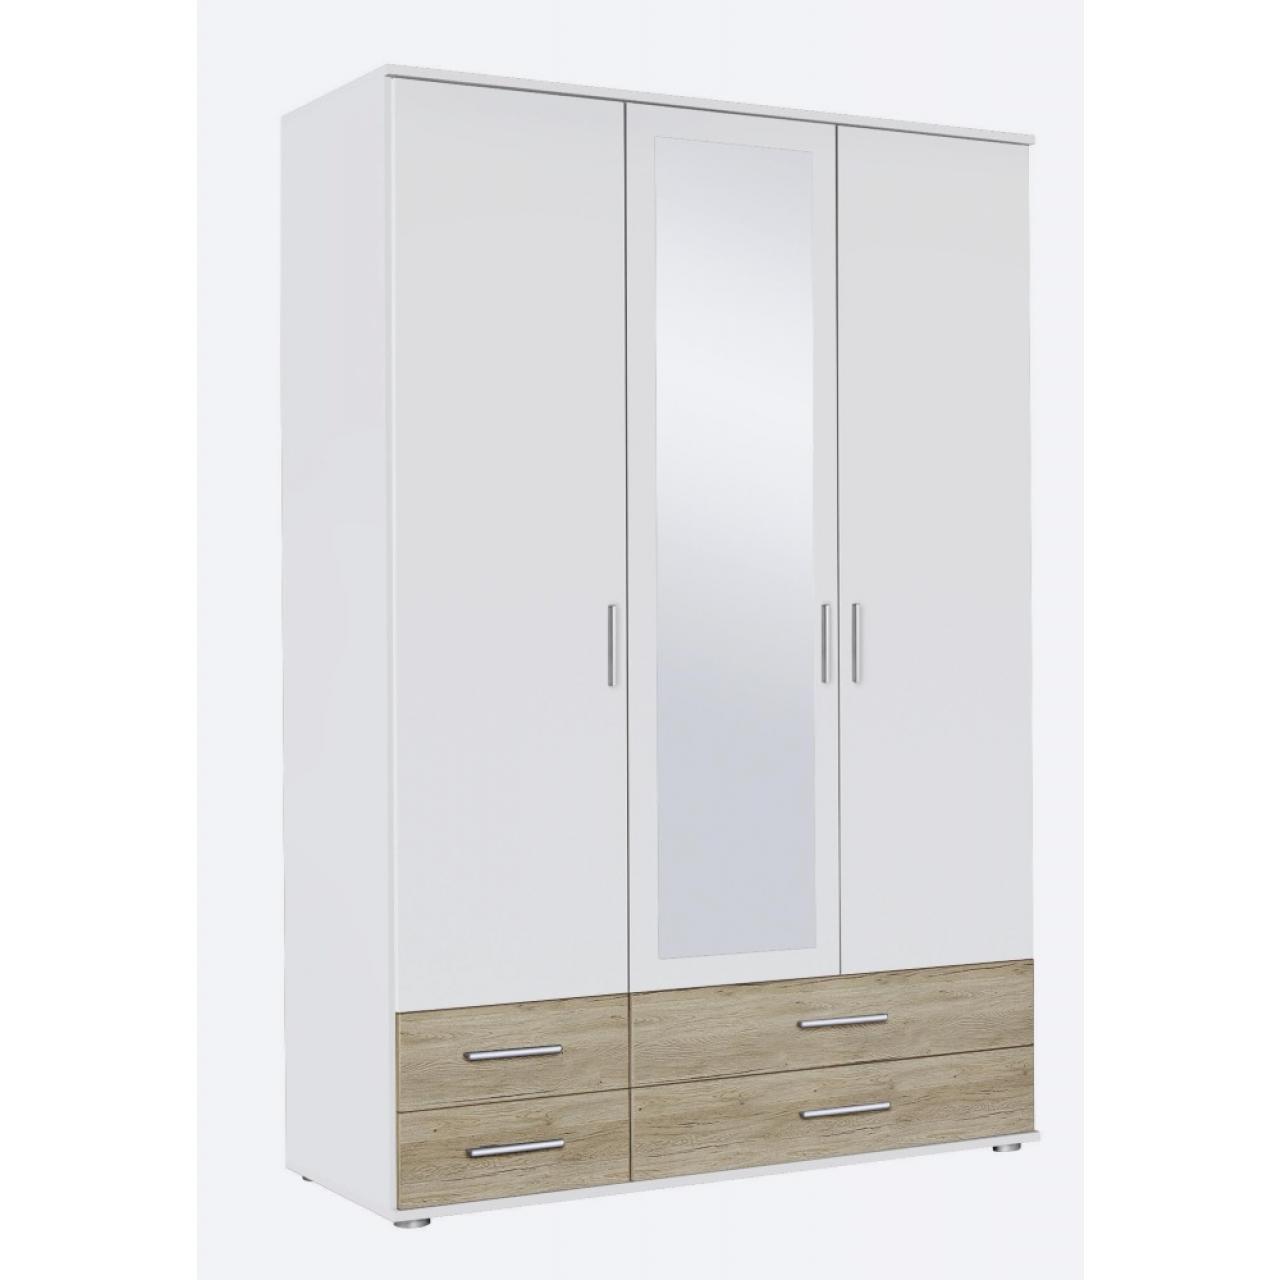 Drehtürenschrank Rasant Kleiderschrank Schrank Alpinweiß, Sonoma 3-türig Spiegel